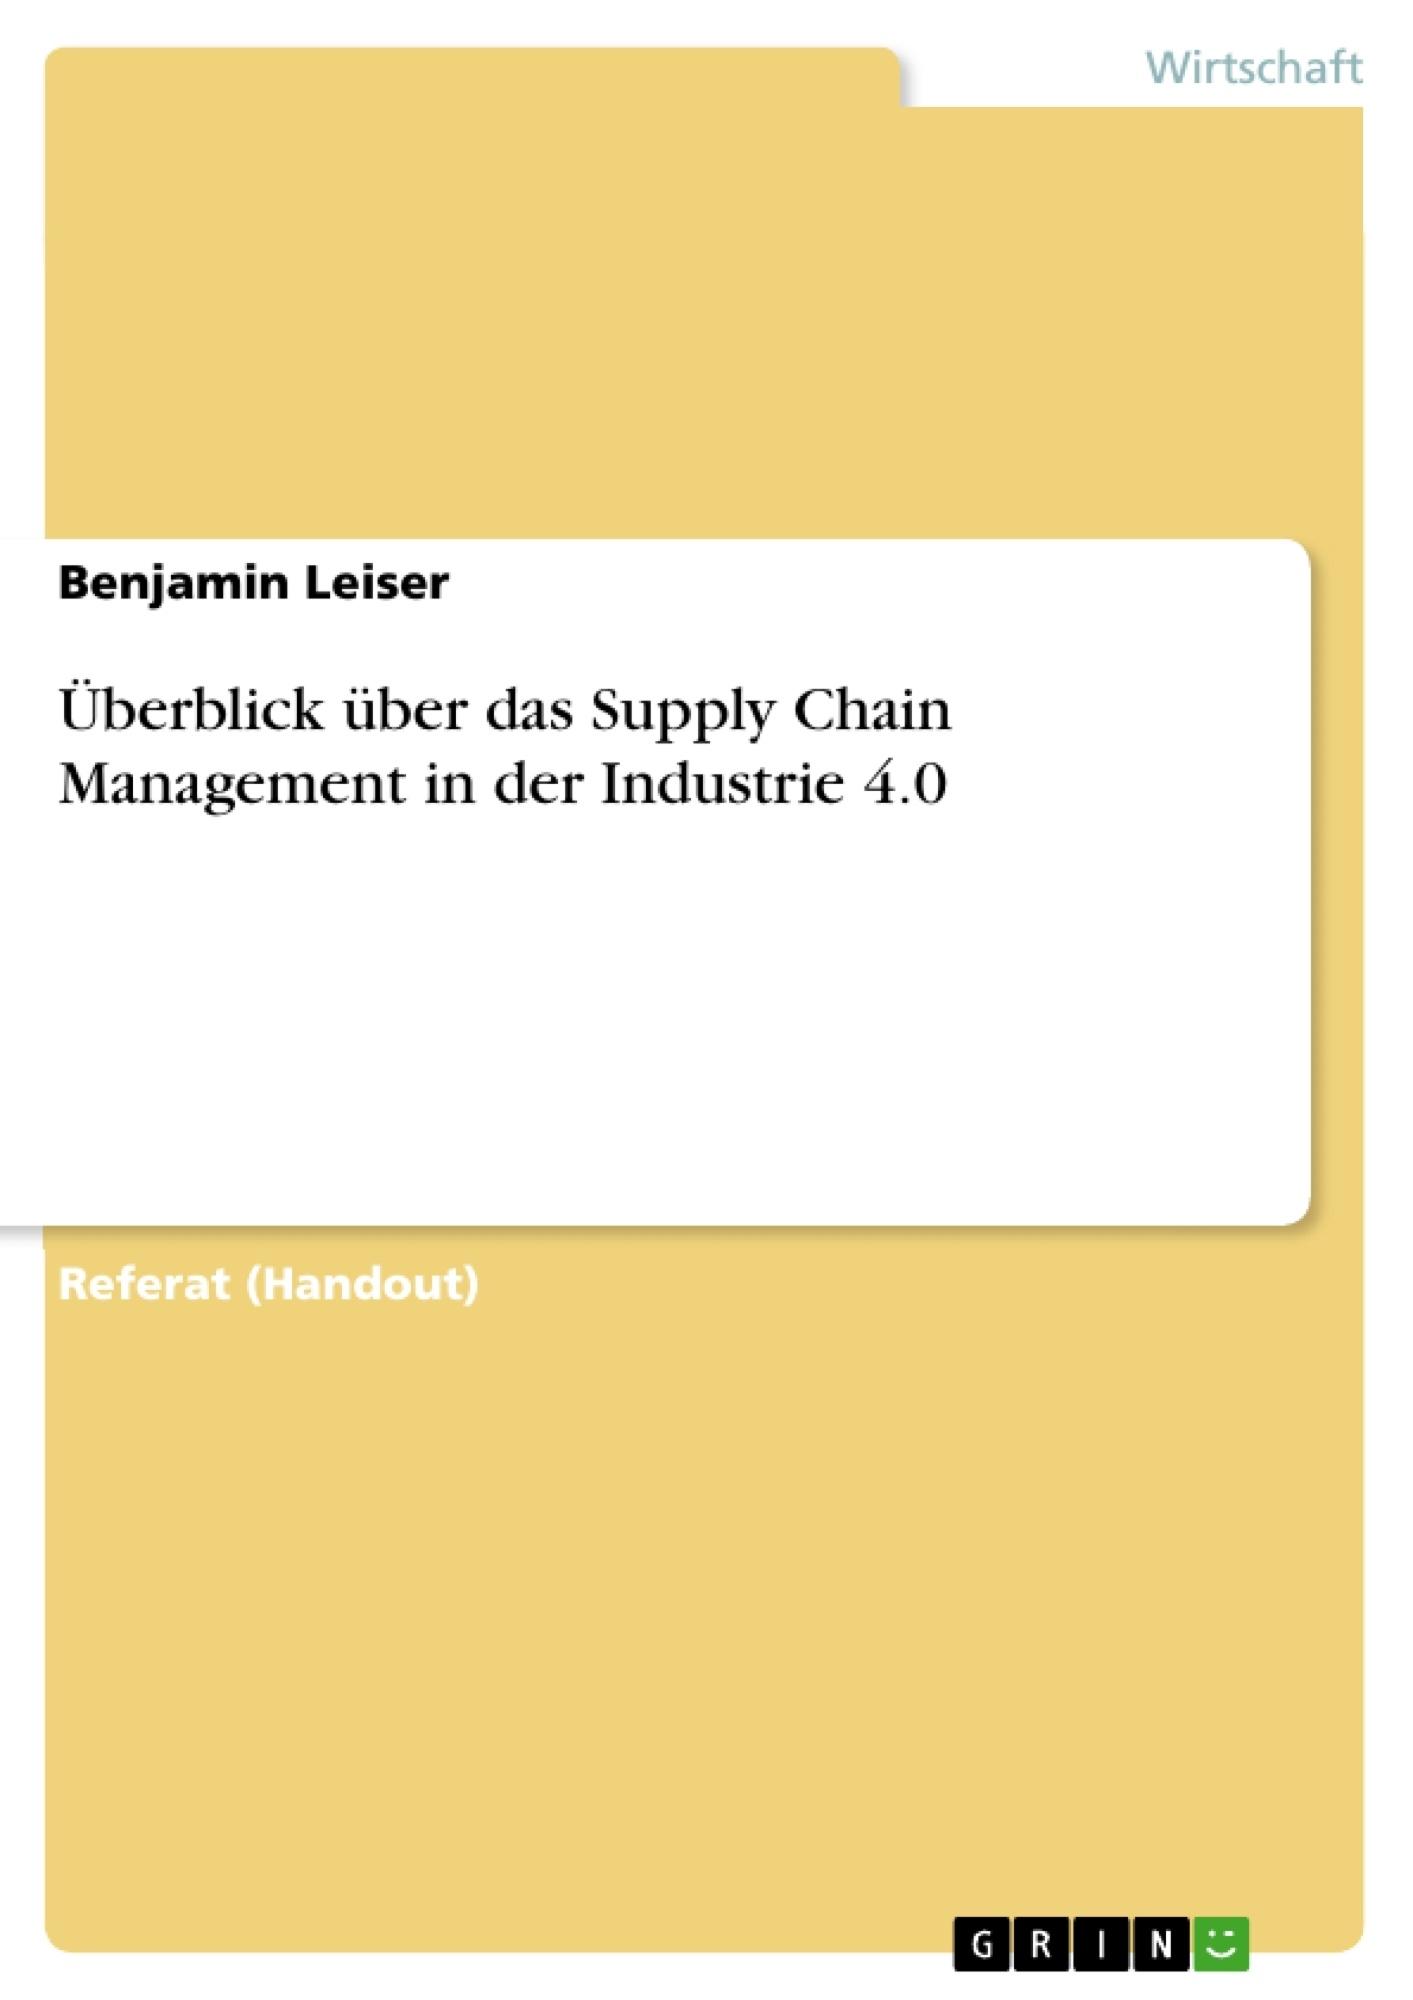 Titel: Überblick über das Supply Chain Management in der Industrie 4.0